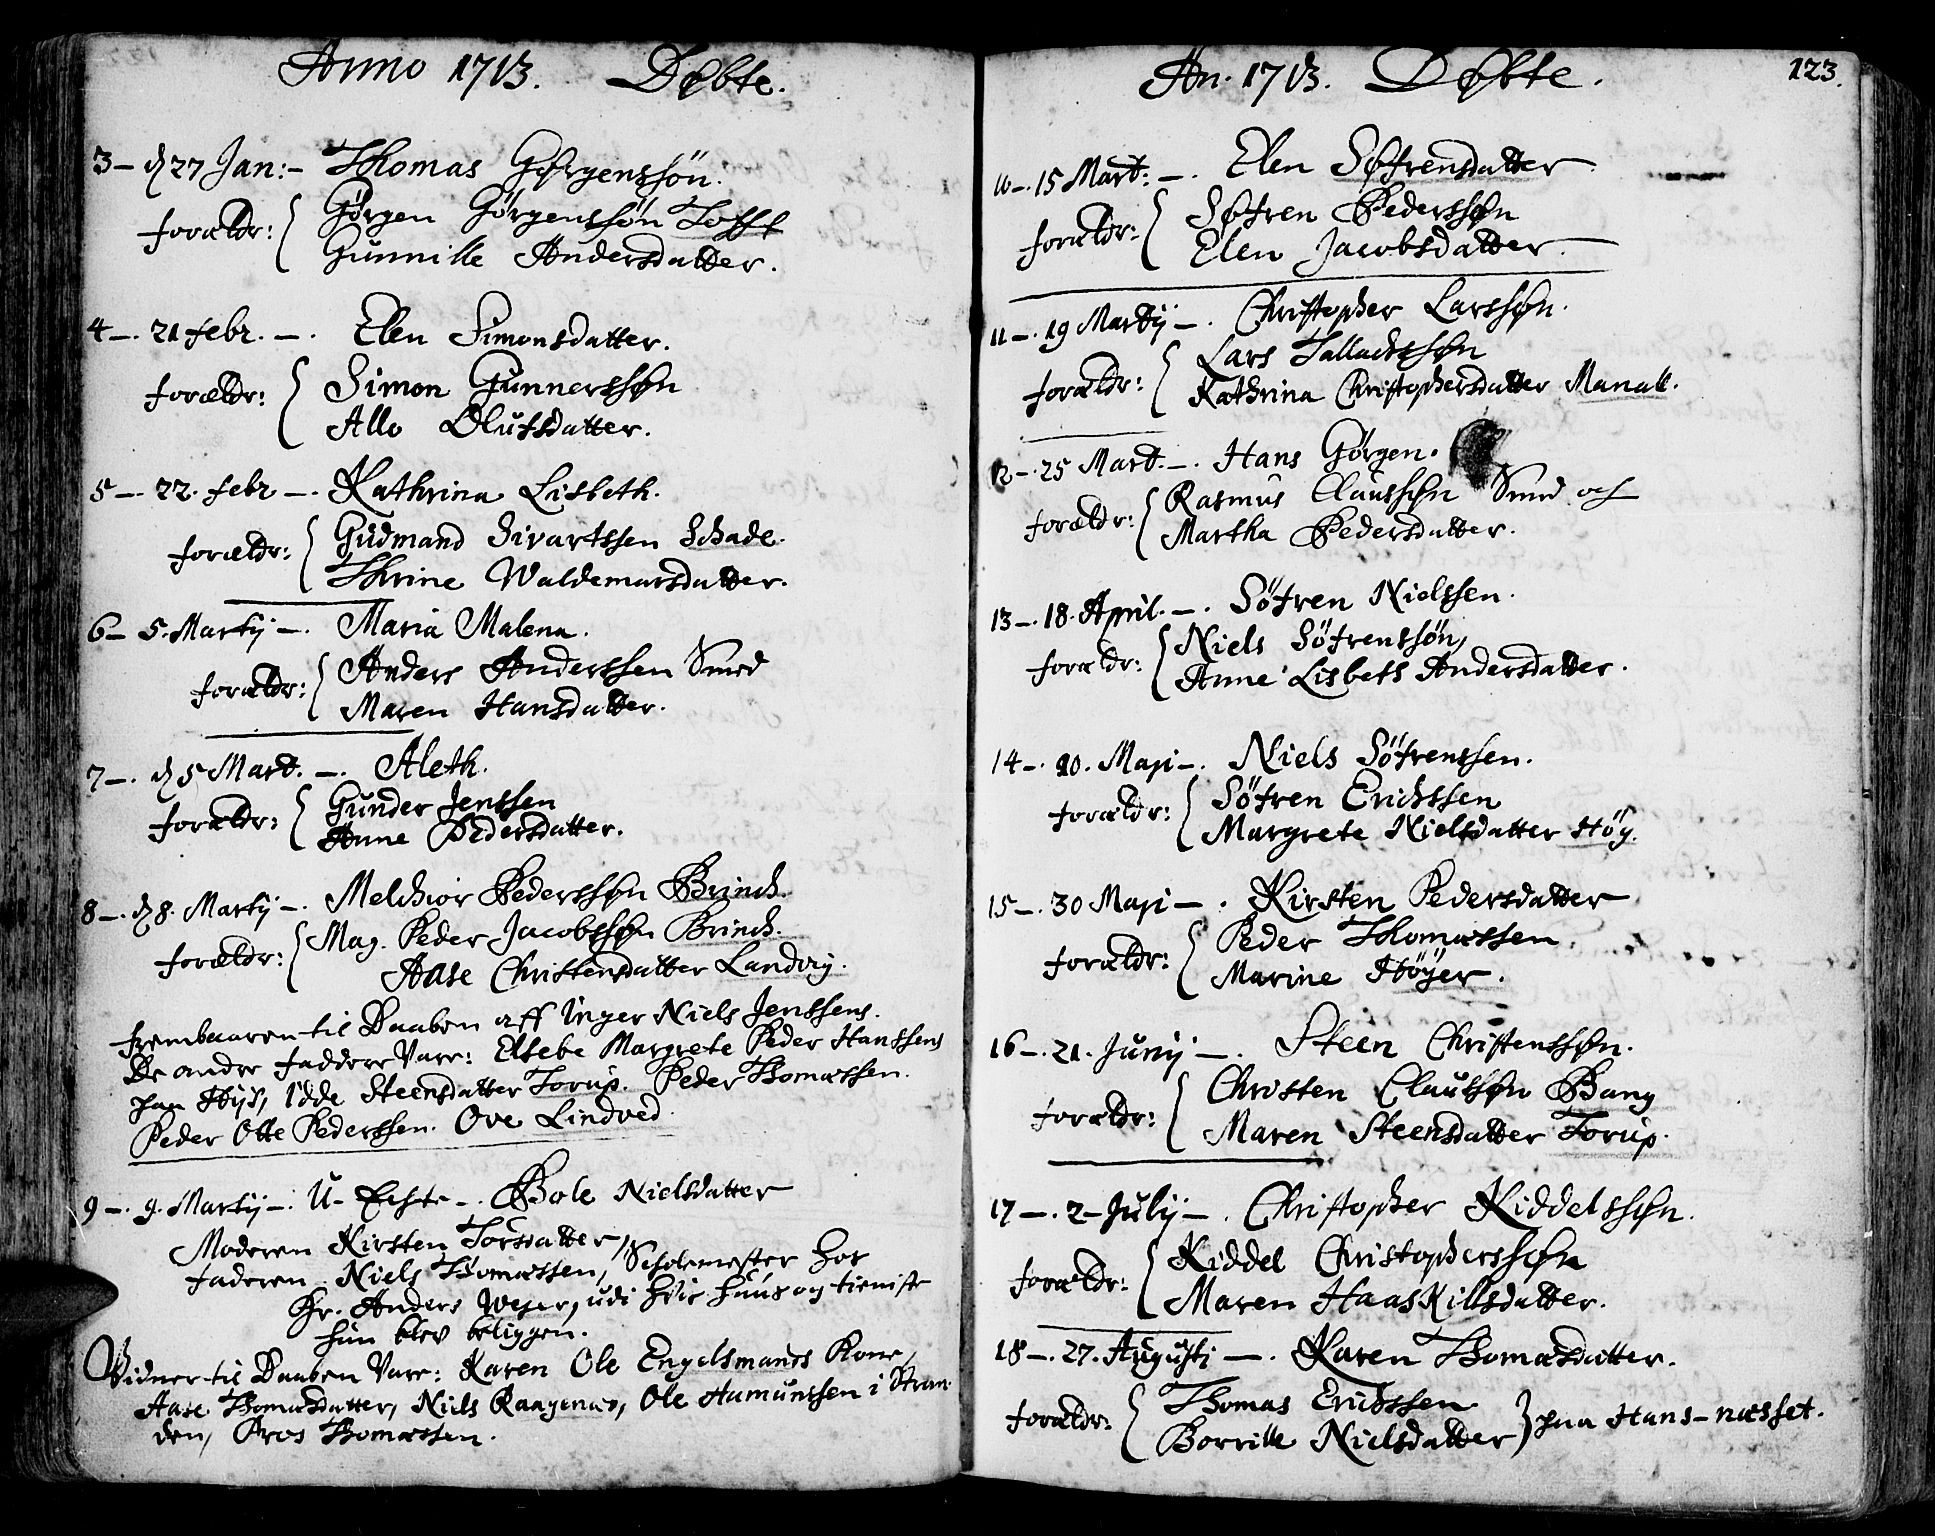 SAK, Arendal sokneprestkontor, Trefoldighet, F/Fa/L0001: Ministerialbok nr. A 1, 1703-1815, s. 123